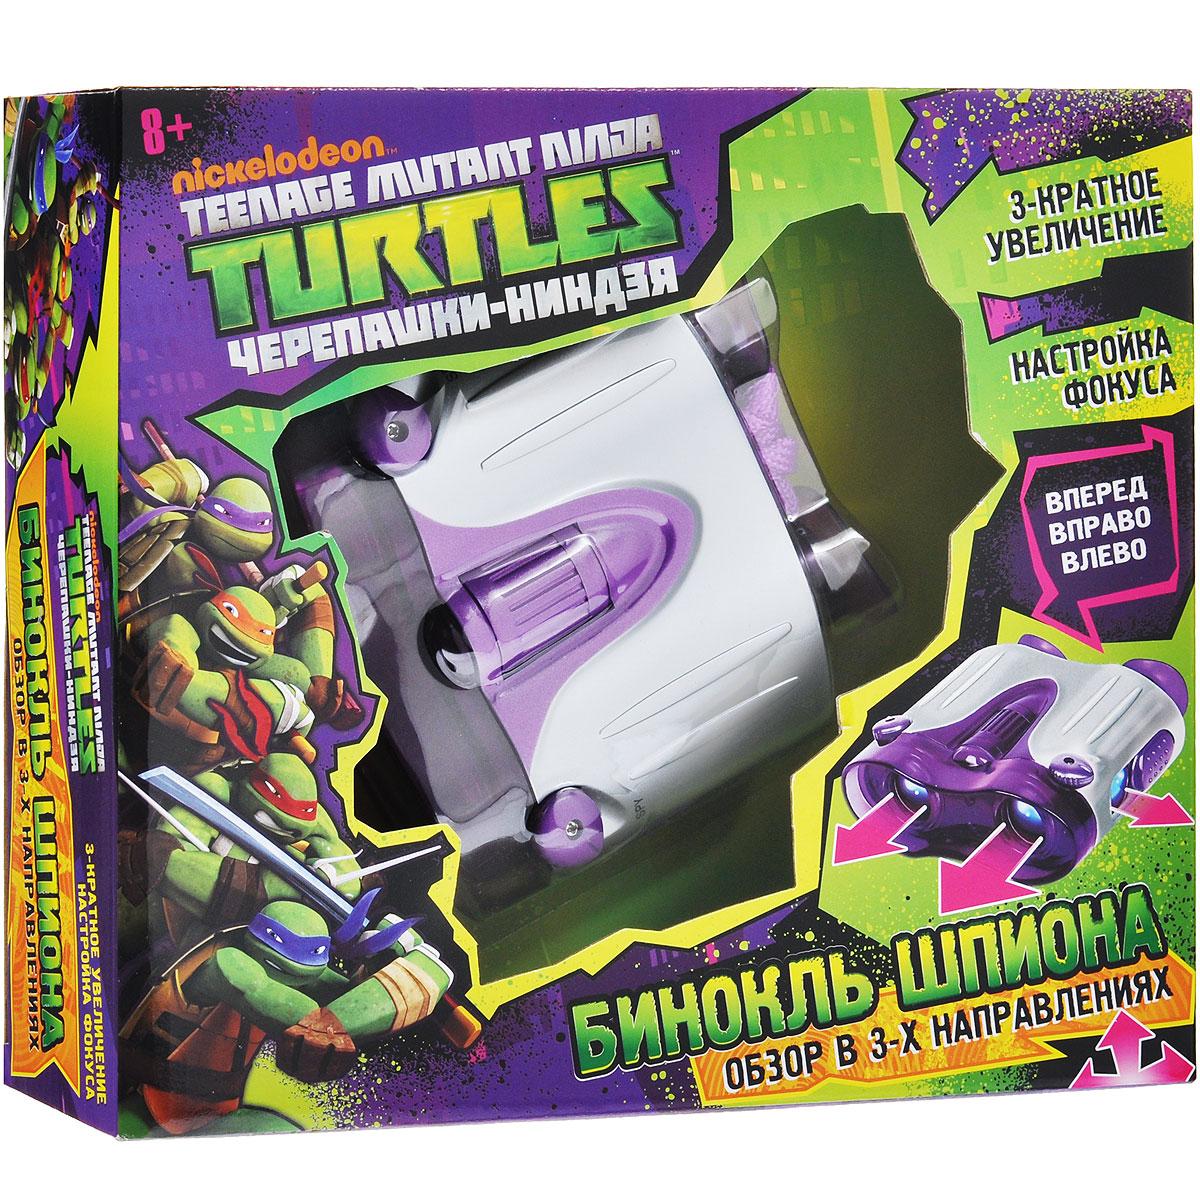 Игрушка Turtles Бинокль шпиона, цвет: фиолетовый, серебристый9944Легкая и компактная игрушка Turtles Бинокль шпиона, выполненная в виде реалистичного бинокля, позволяет наблюдать за удаленными объектами. Прочный пластиковый корпус защищает бинокль от повреждений и других неблагоприятных воздействий. Особенности бинокля: трехкратное увеличение; настройка фокуса; обзор в трех направлениях - вперед, вправо, влево. К биноклю прилагаются текстильная салфетка для протирания линз, текстильный шнурок, благодаря которому прибор можно повесить на шею, а также инструкция по эксплуатации на русском языке.